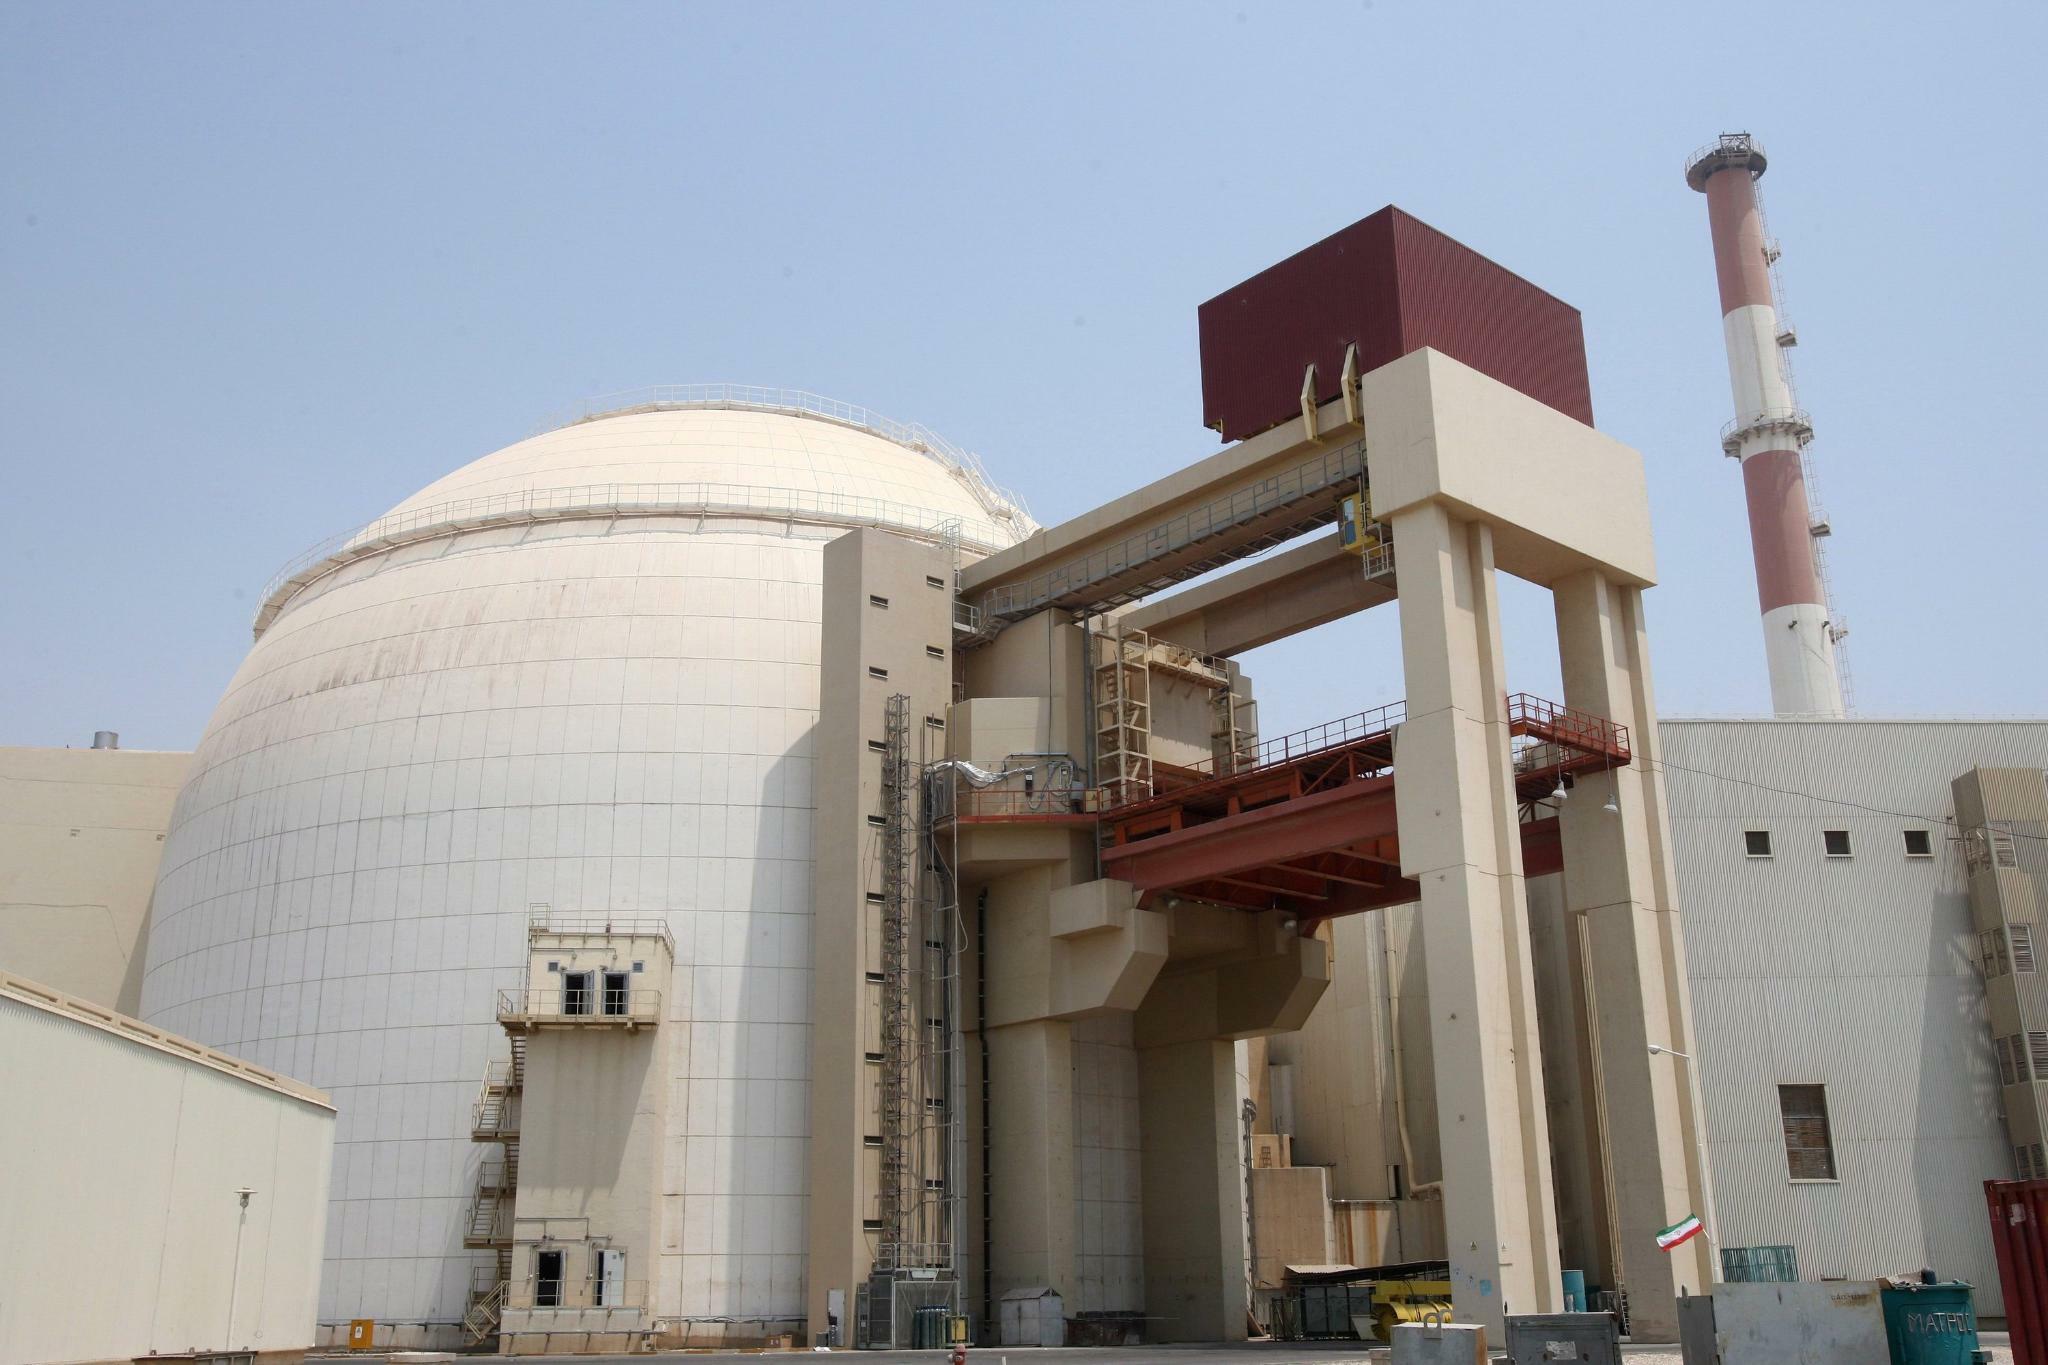 Atomkonflikt: Irans Atomorganisation behauptet, unbegrenzt Uran anreichern zu können